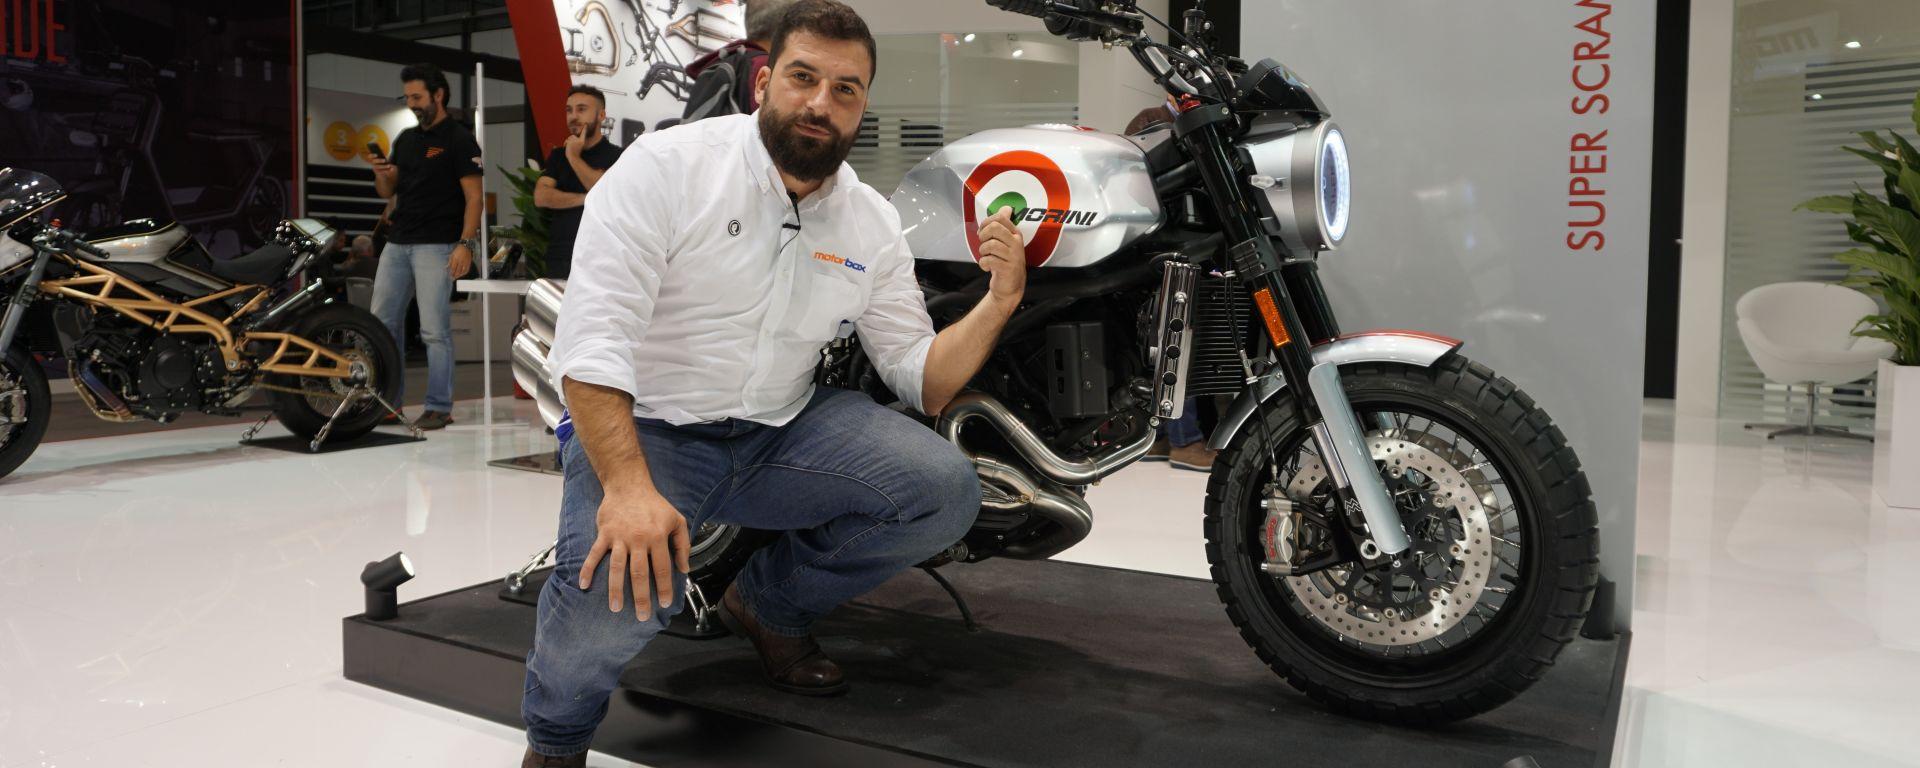 EICMA 2019: Moto Morini presenta la Super Scrambler. Video